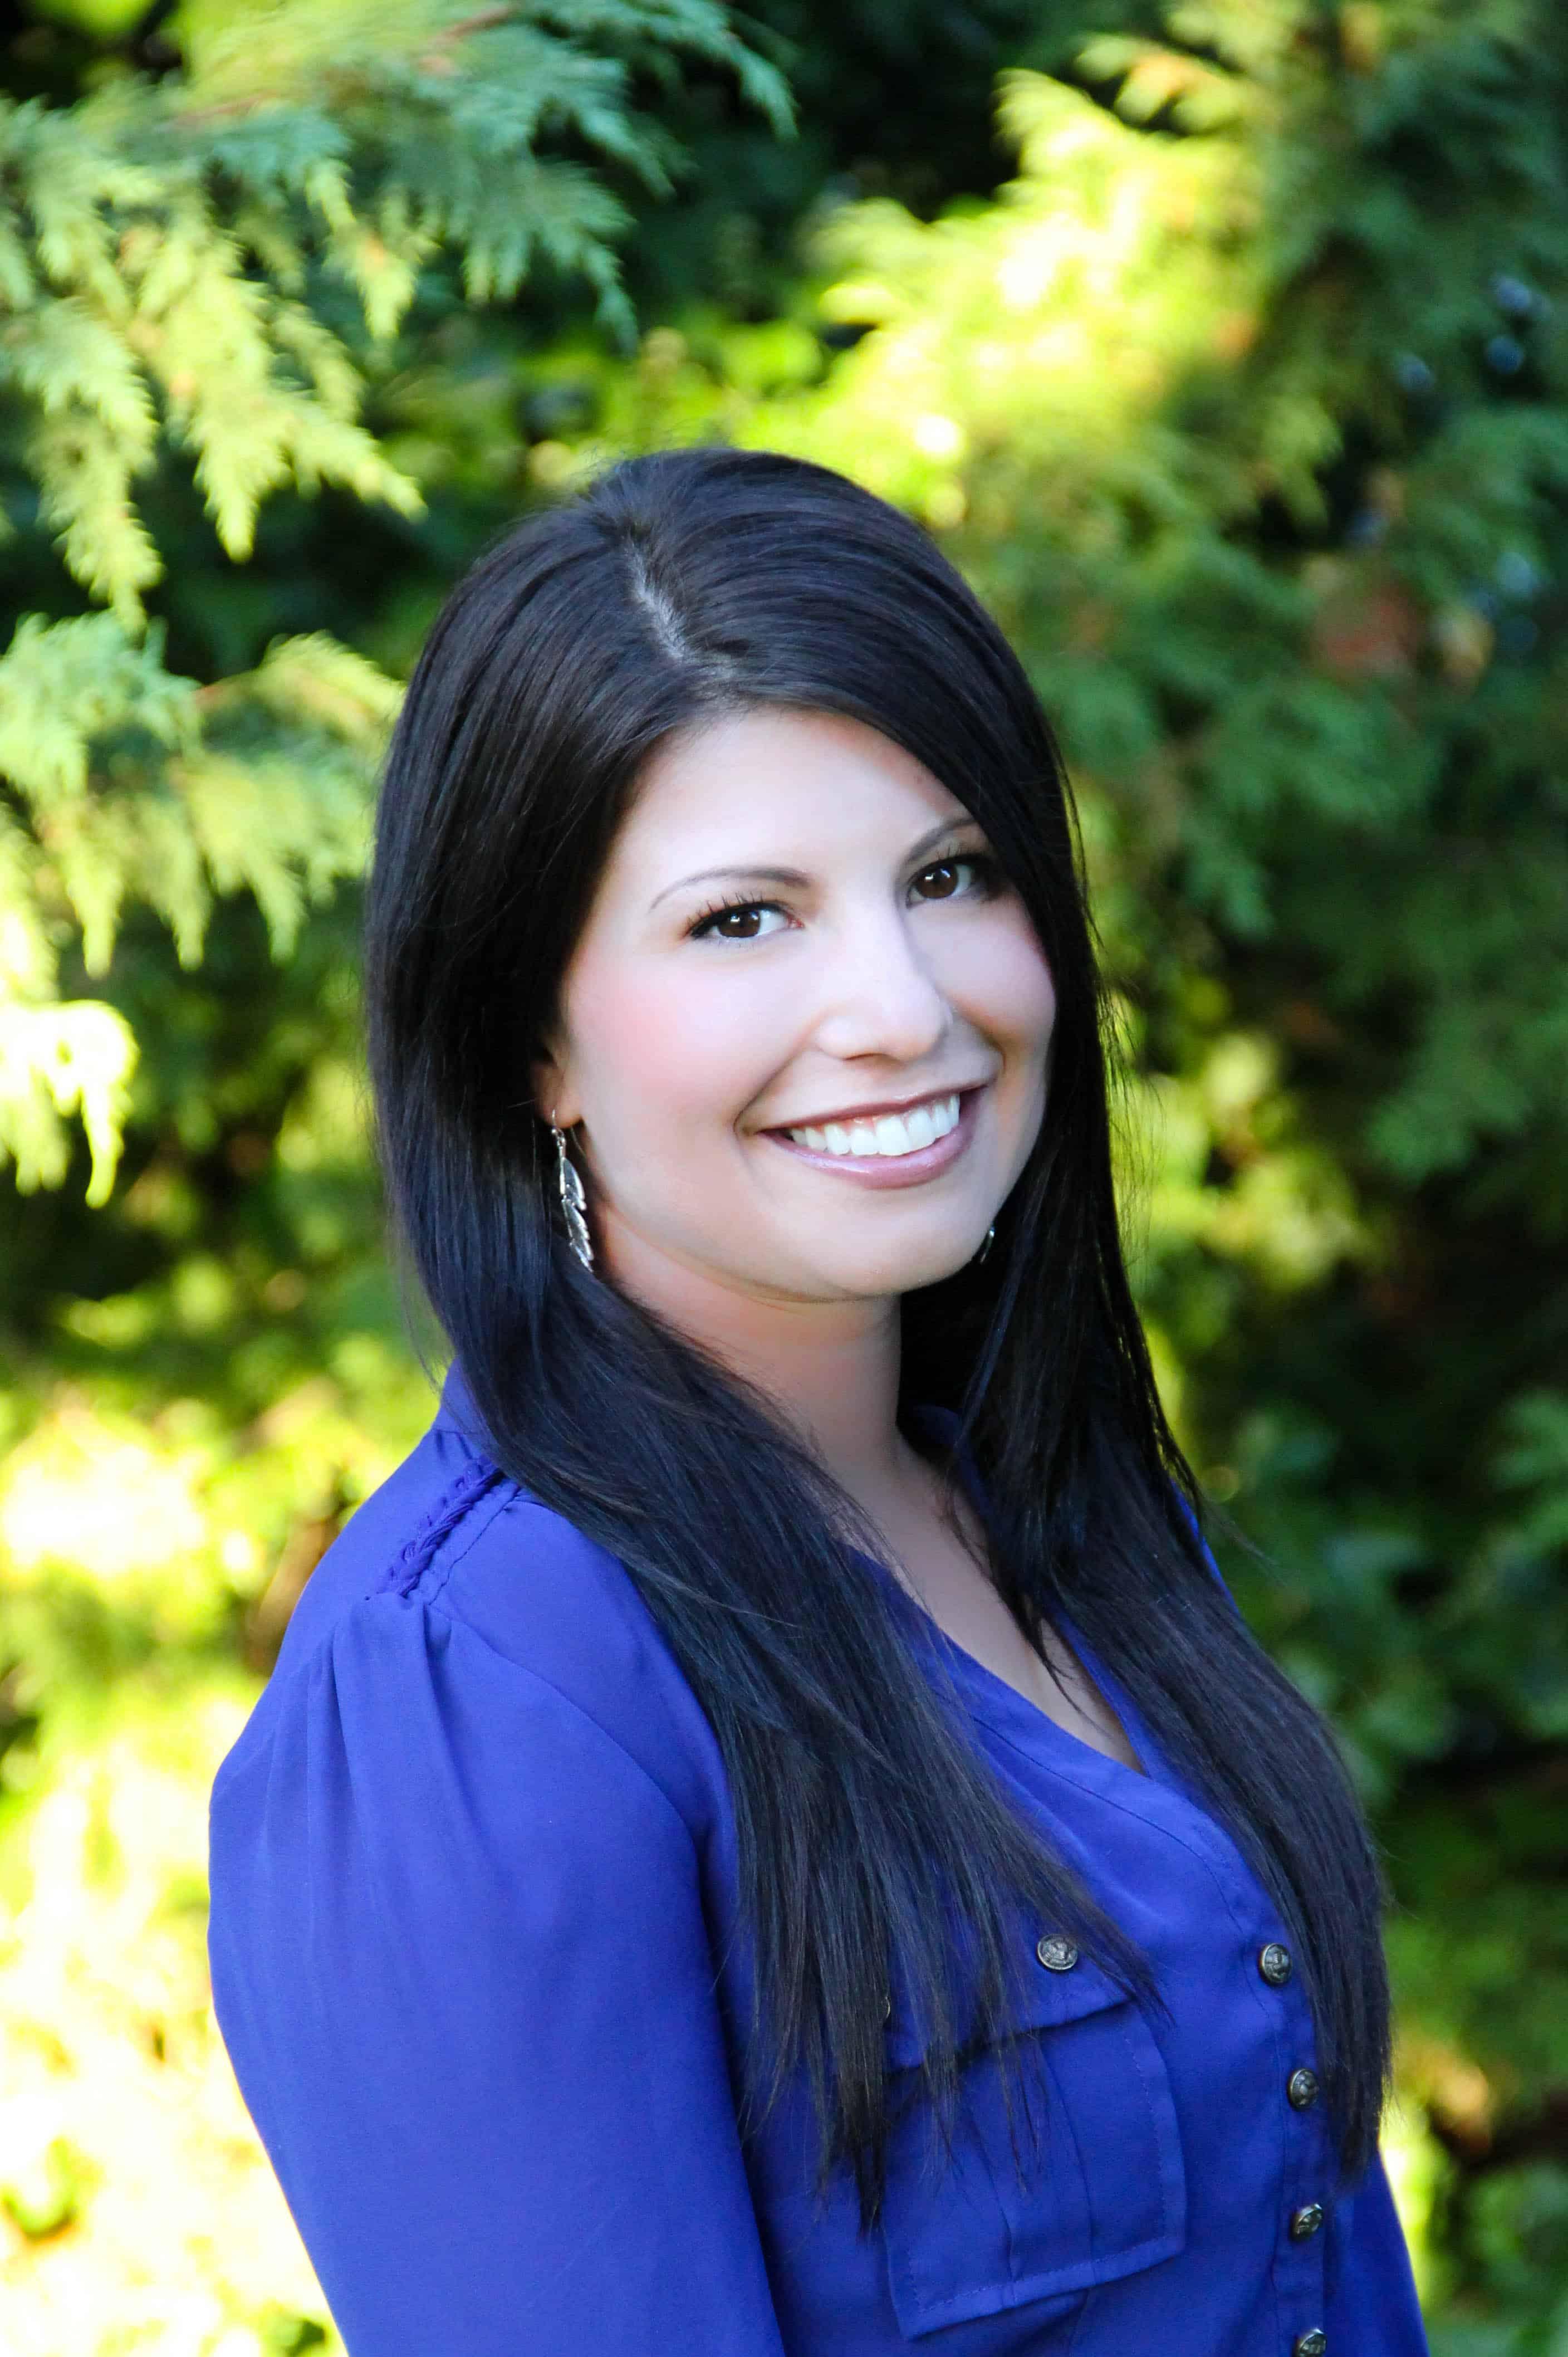 Selena Curvelo RMT Victoria BC Massage Therapist